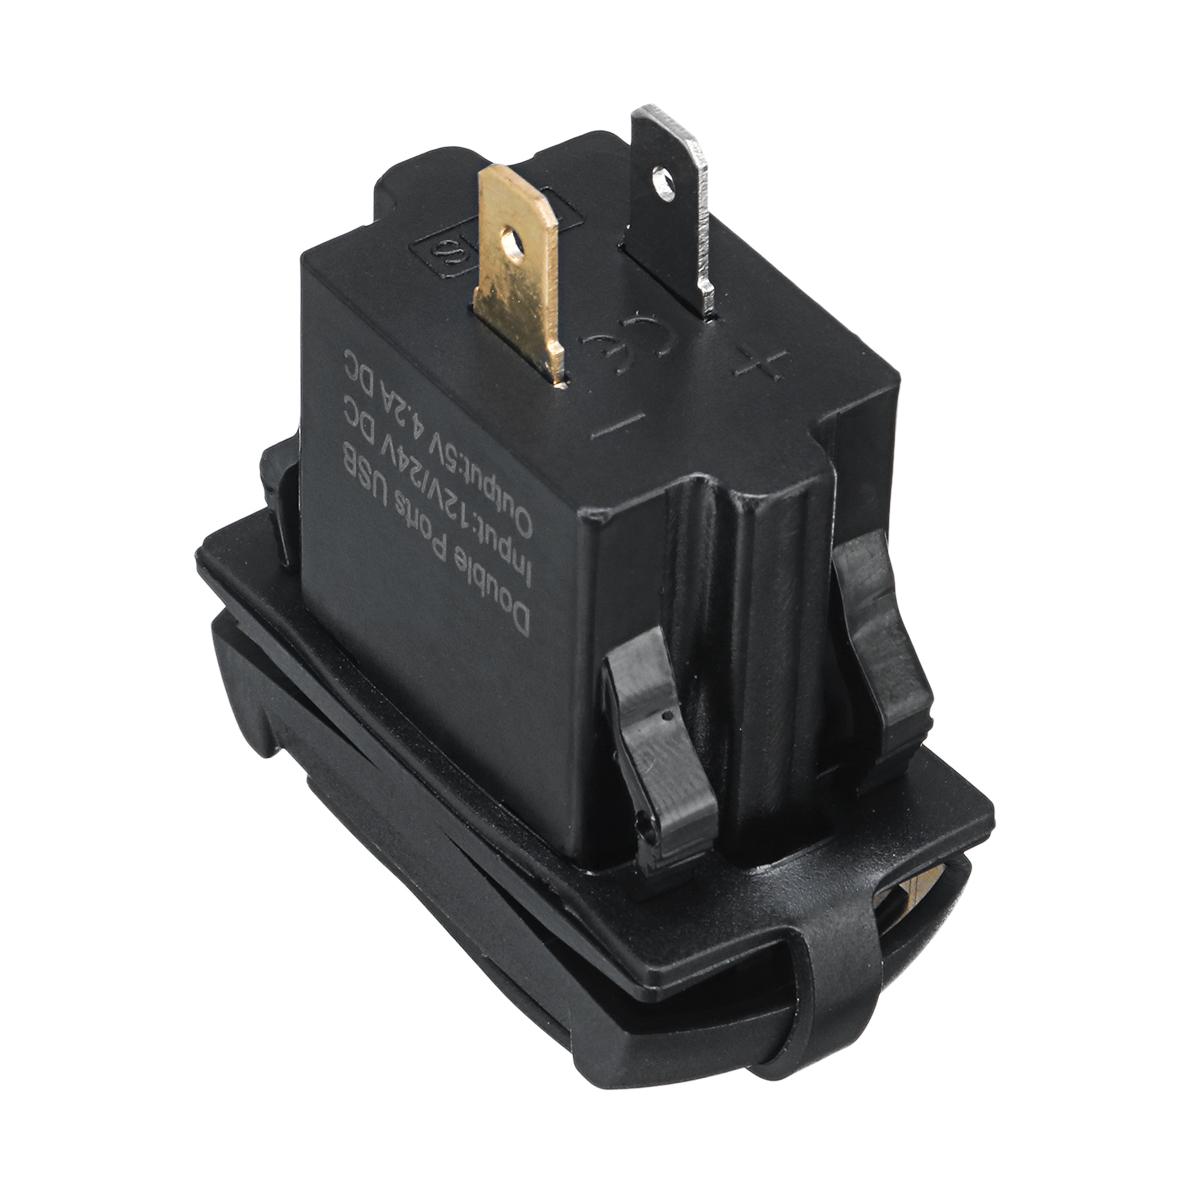 Зарядное устройство USB для Polaris UTV RZR RZR4 Ranger XP 1000 900 800 Crew 2015 2016 - фото 8